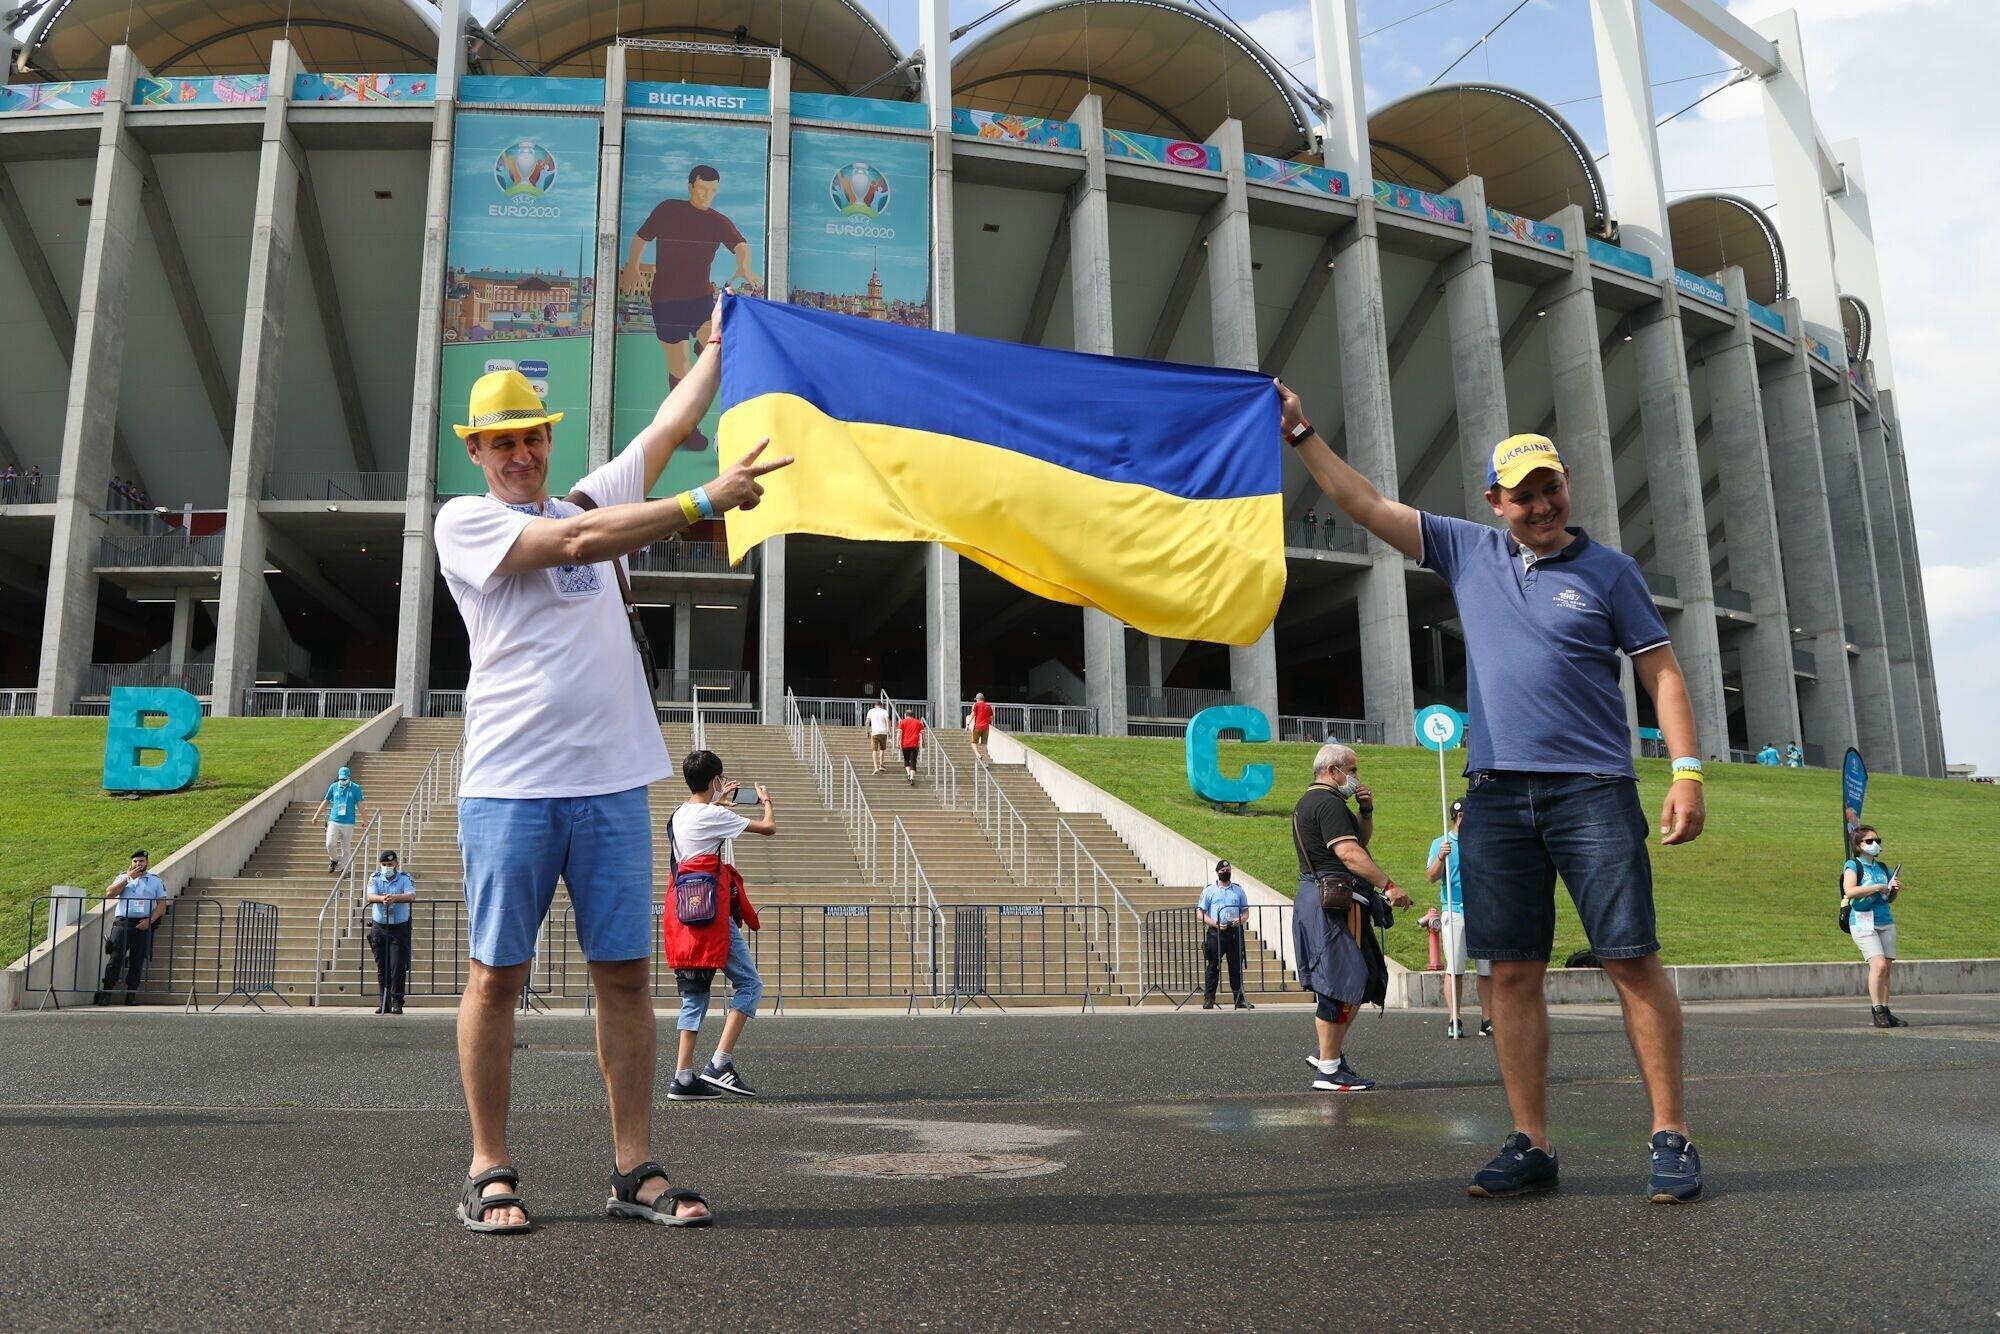 Фанаты сборной Украины в Бухаресте